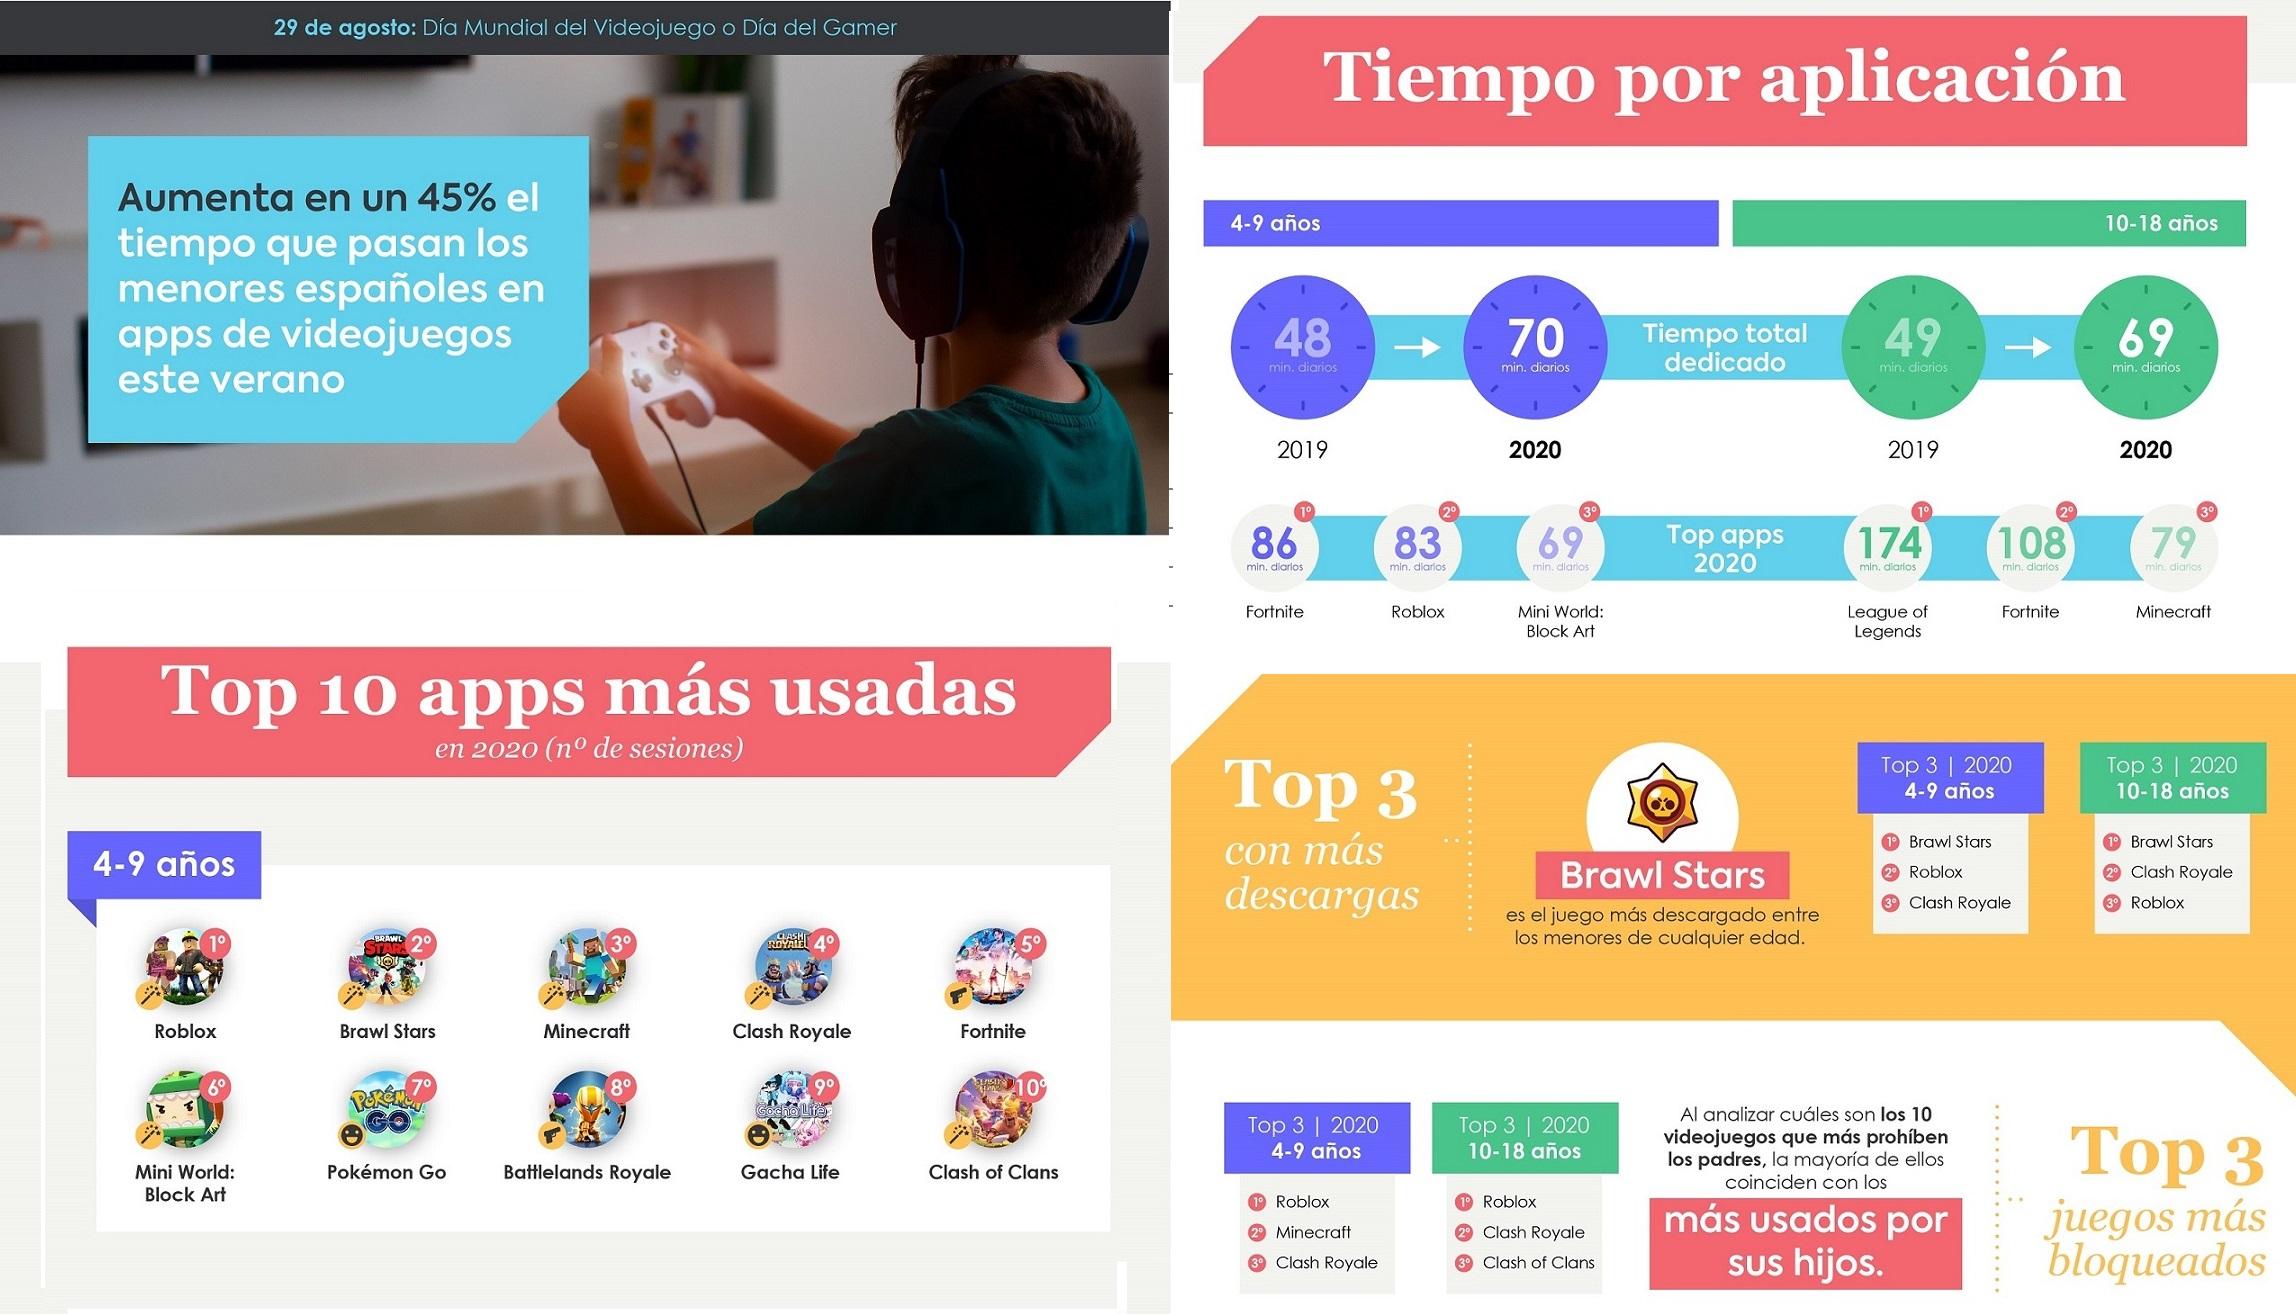 https://www.programapublicidad.com/wp-content/uploads/2020/08/qustodio-niños-apps-videojuegos-tiempo-programapublicidad.jpg